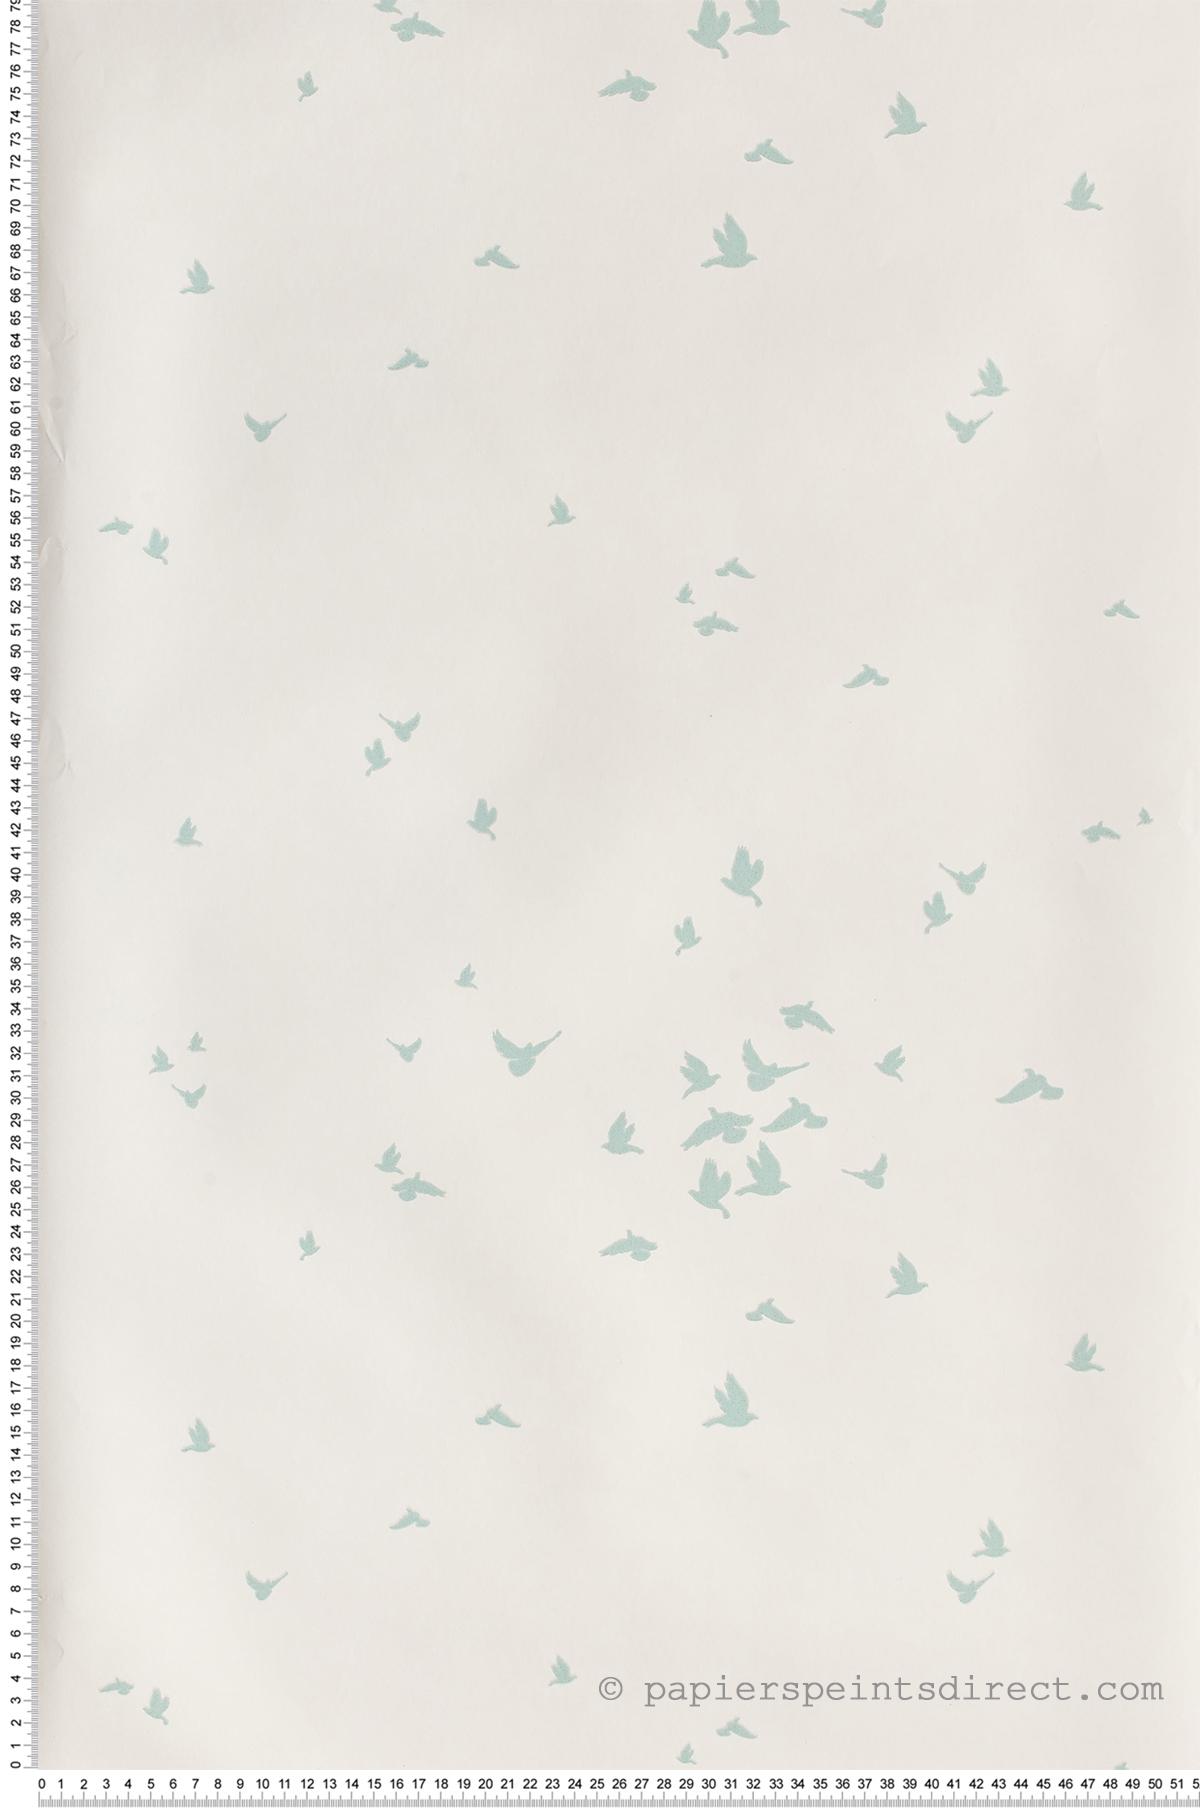 Envol d'oiseaux vert d'eau - Collection Dwell Studio de York by Initiales